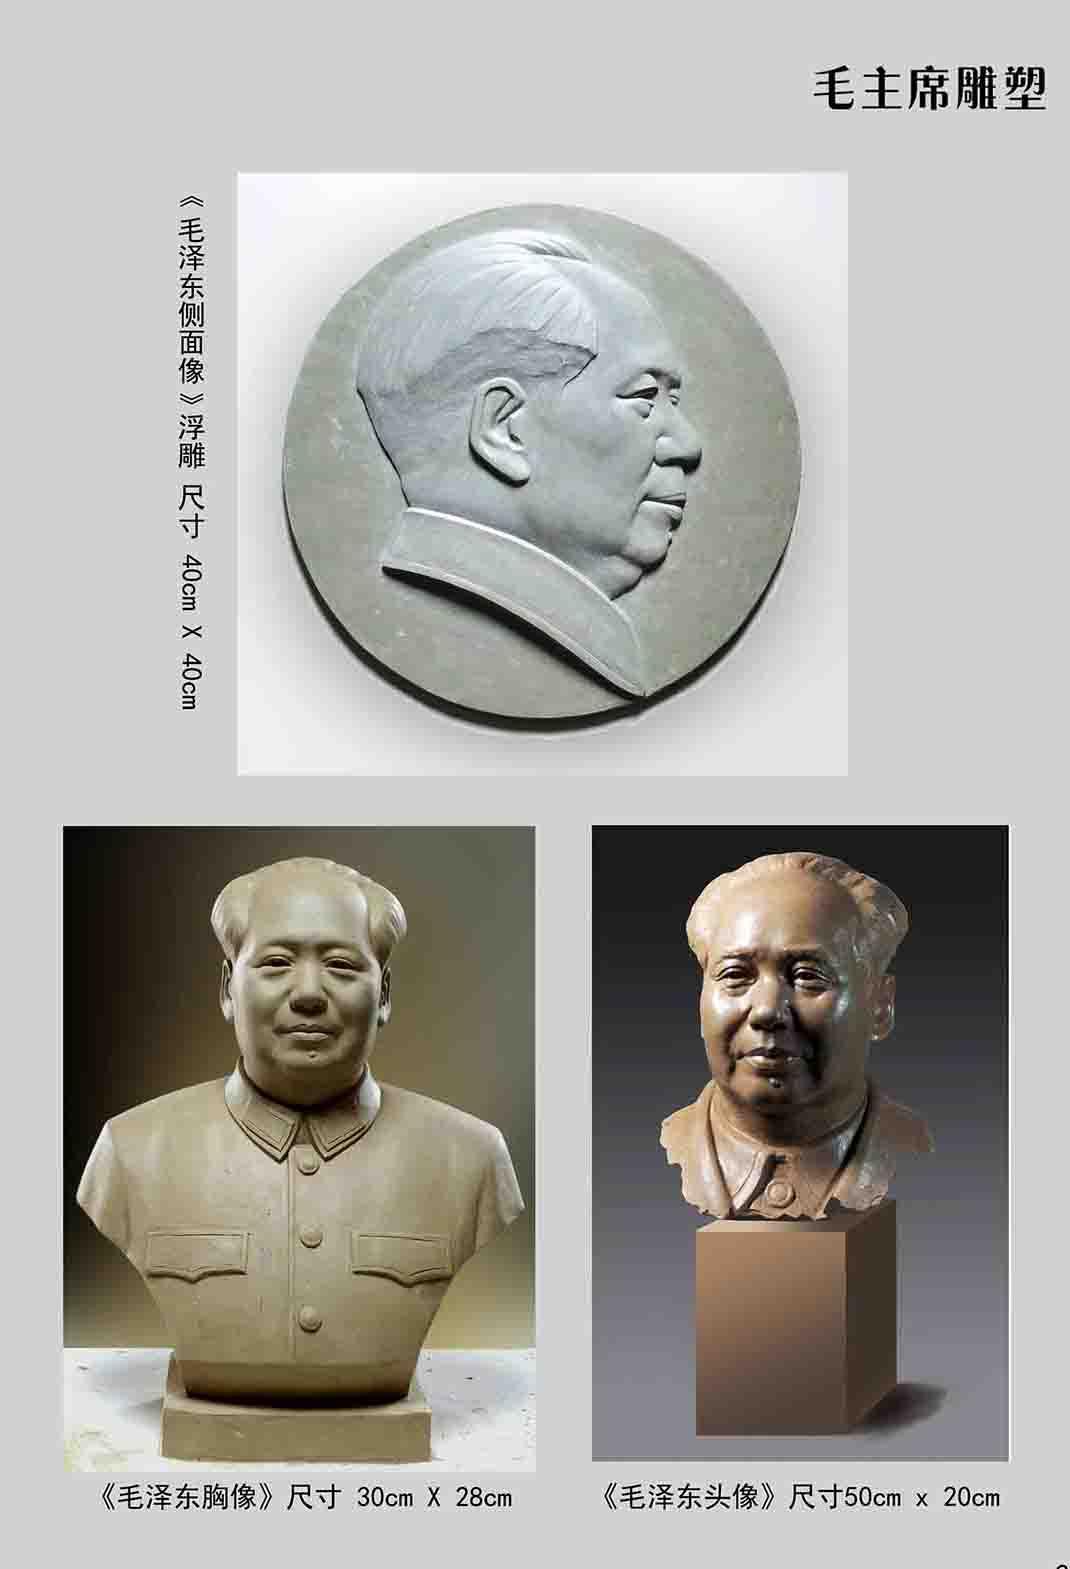 贵阳创意雕塑